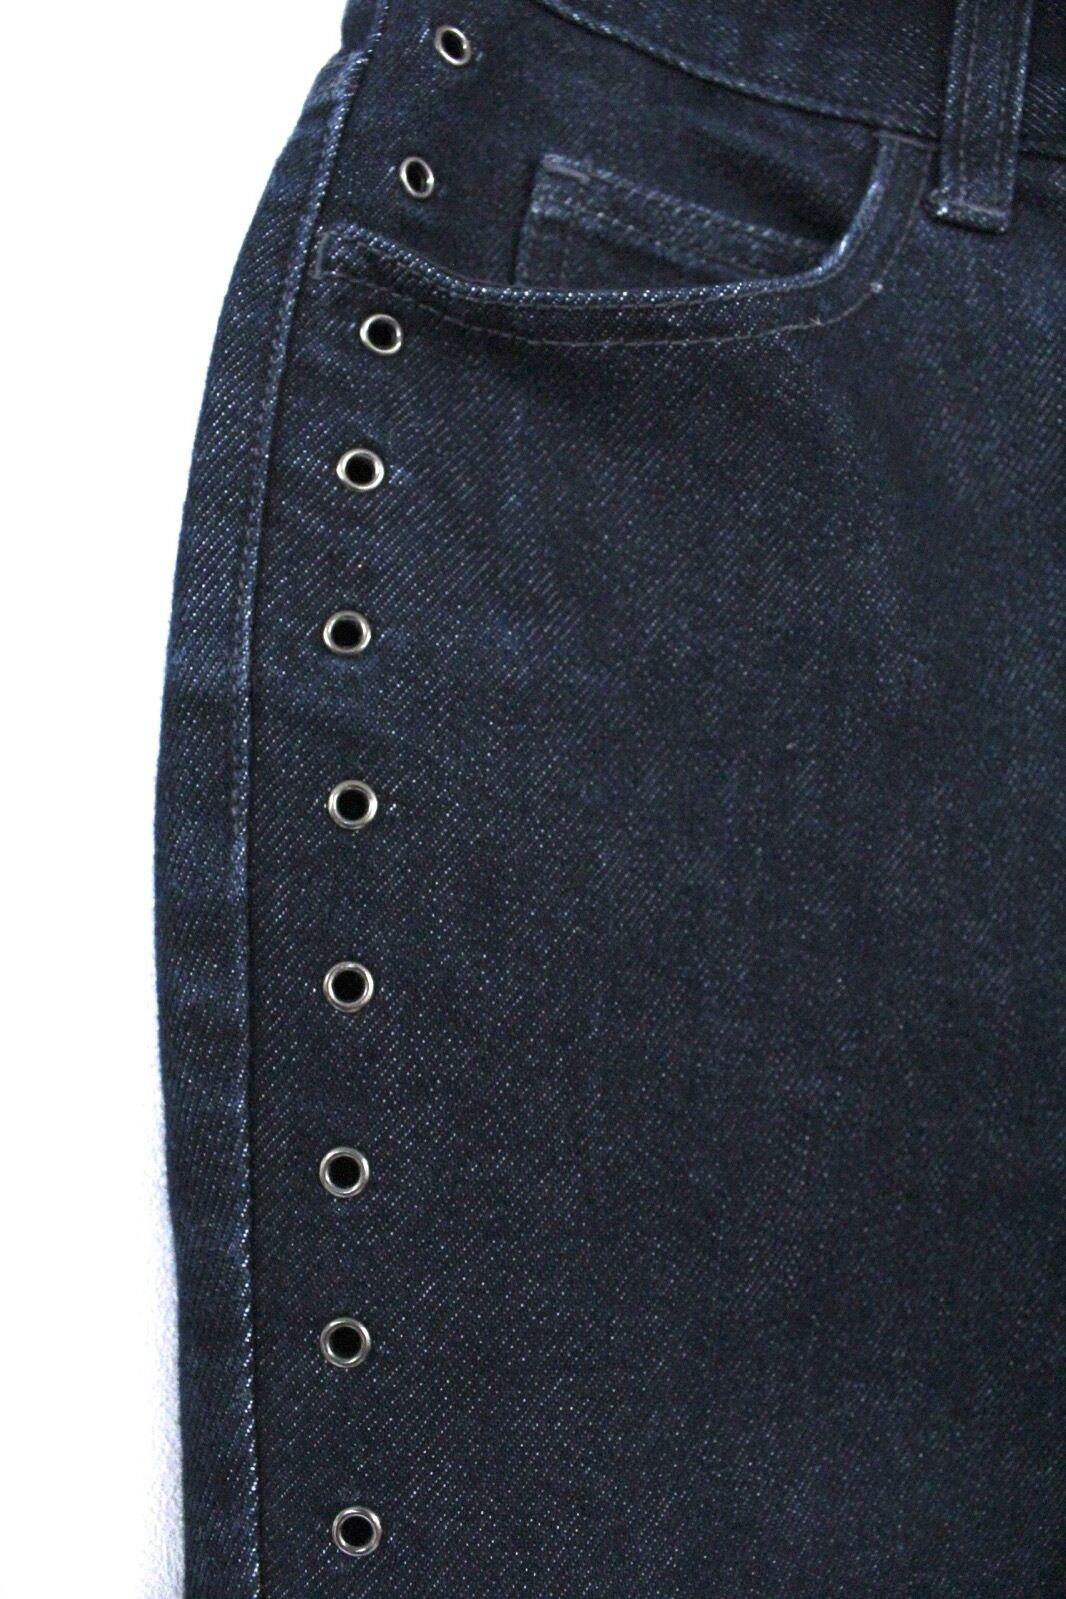 A X ARMANI EXCHANGE Womens Jeans Skinny Dark SIZE 2  28 x 31 Open Grommet Legs